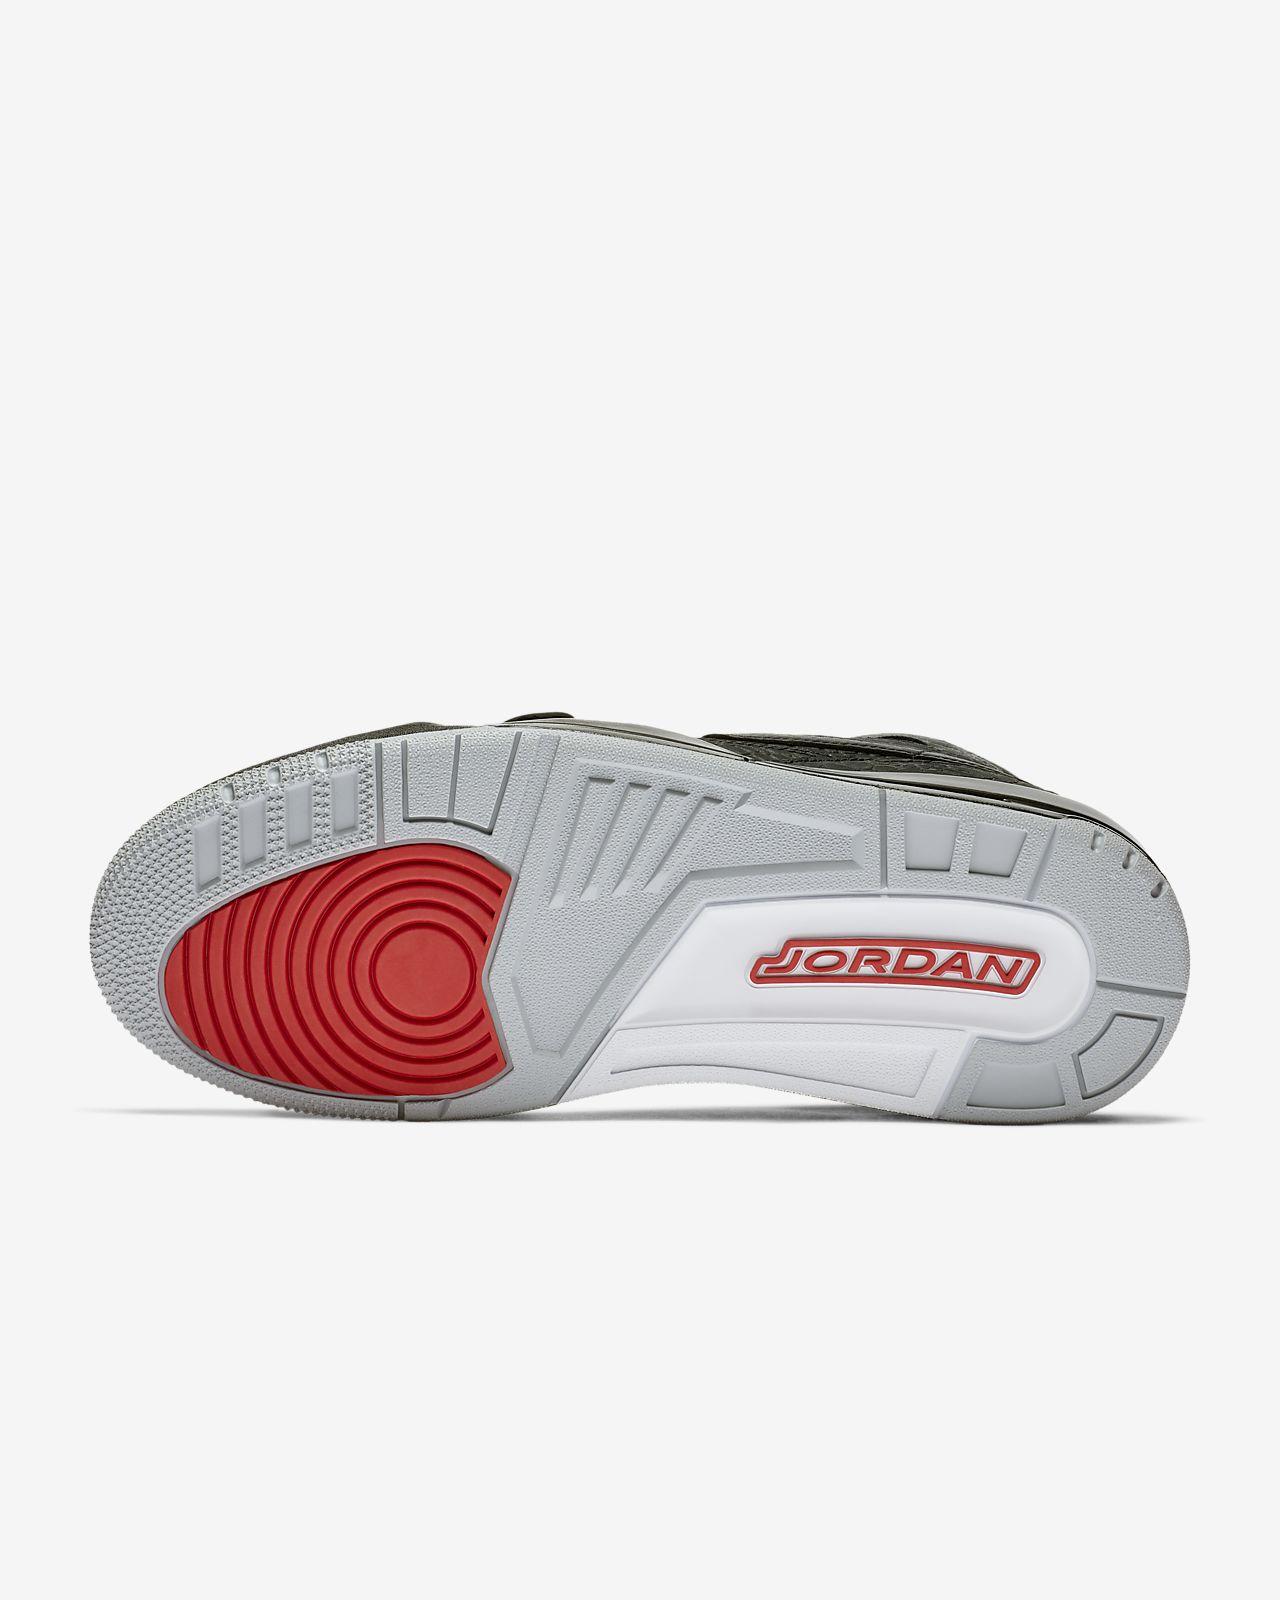 746d1a0b27c5f8 Air Jordan Legacy 312 Men s Shoe. Nike.com CA